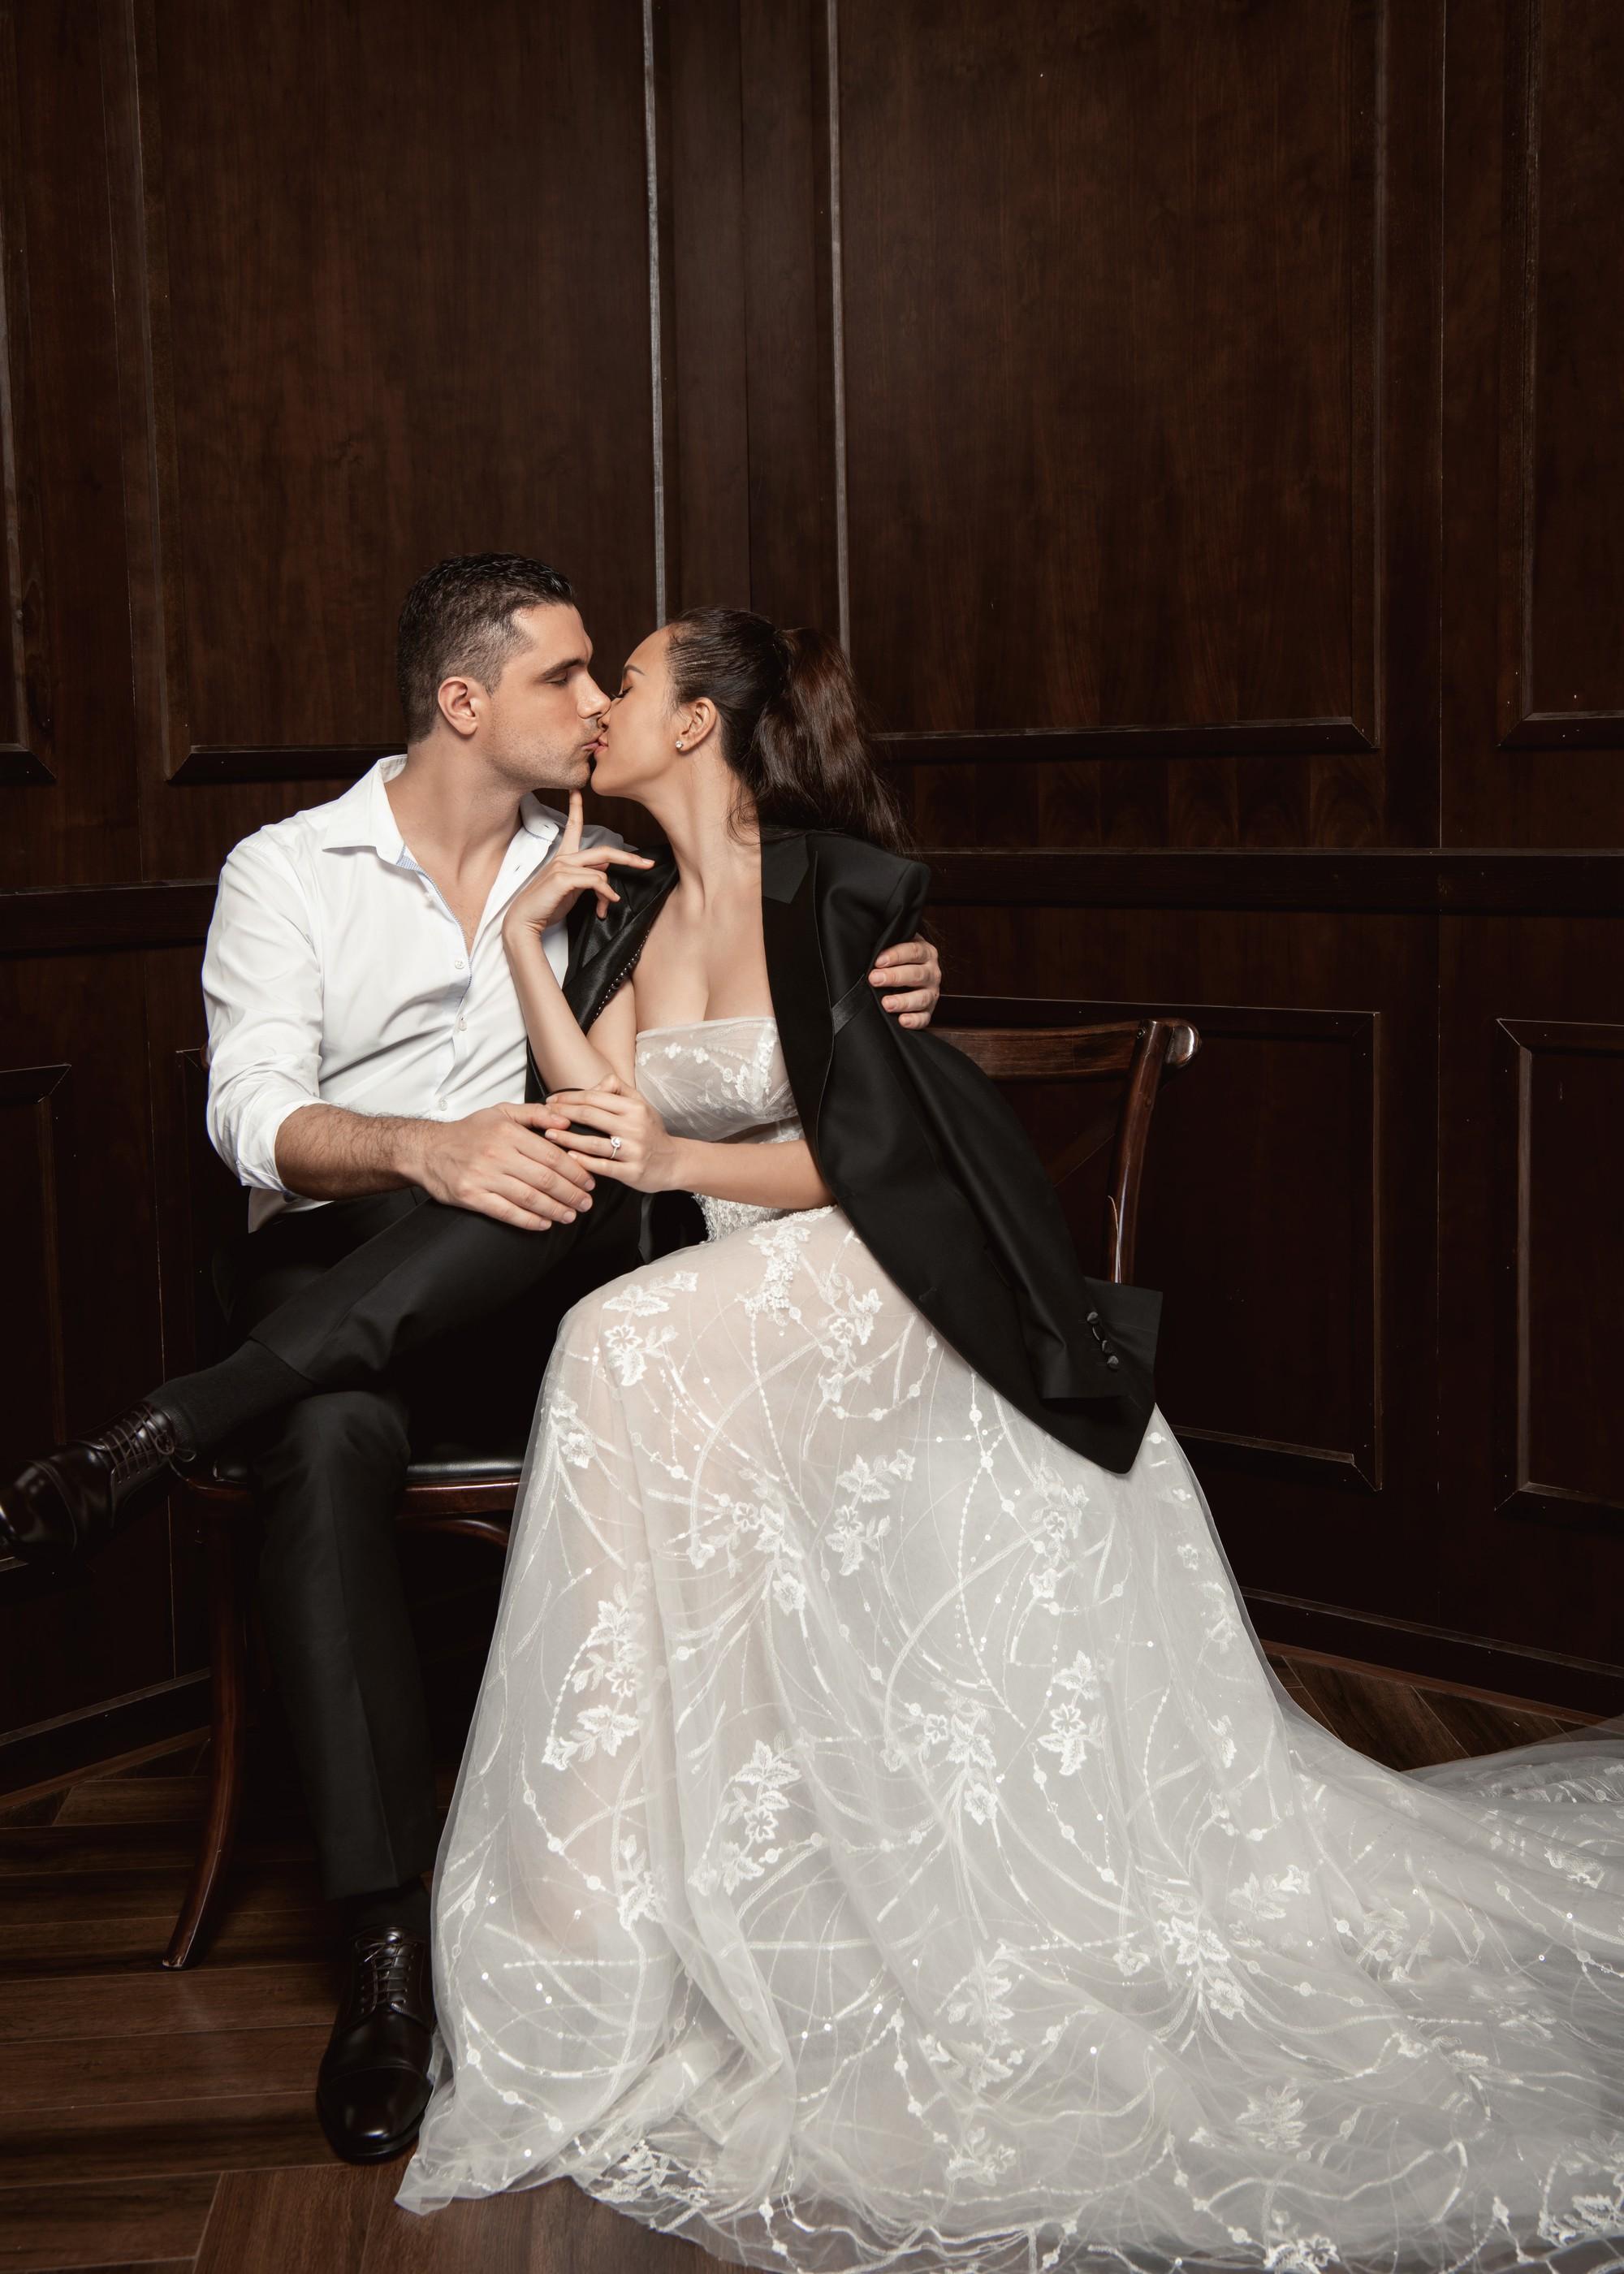 Siêu mẫu Phương Mai khoá môi ông xã Tây cực ngọt ngào trong bộ ảnh cưới trước ngày lên xe hoa - Ảnh 3.